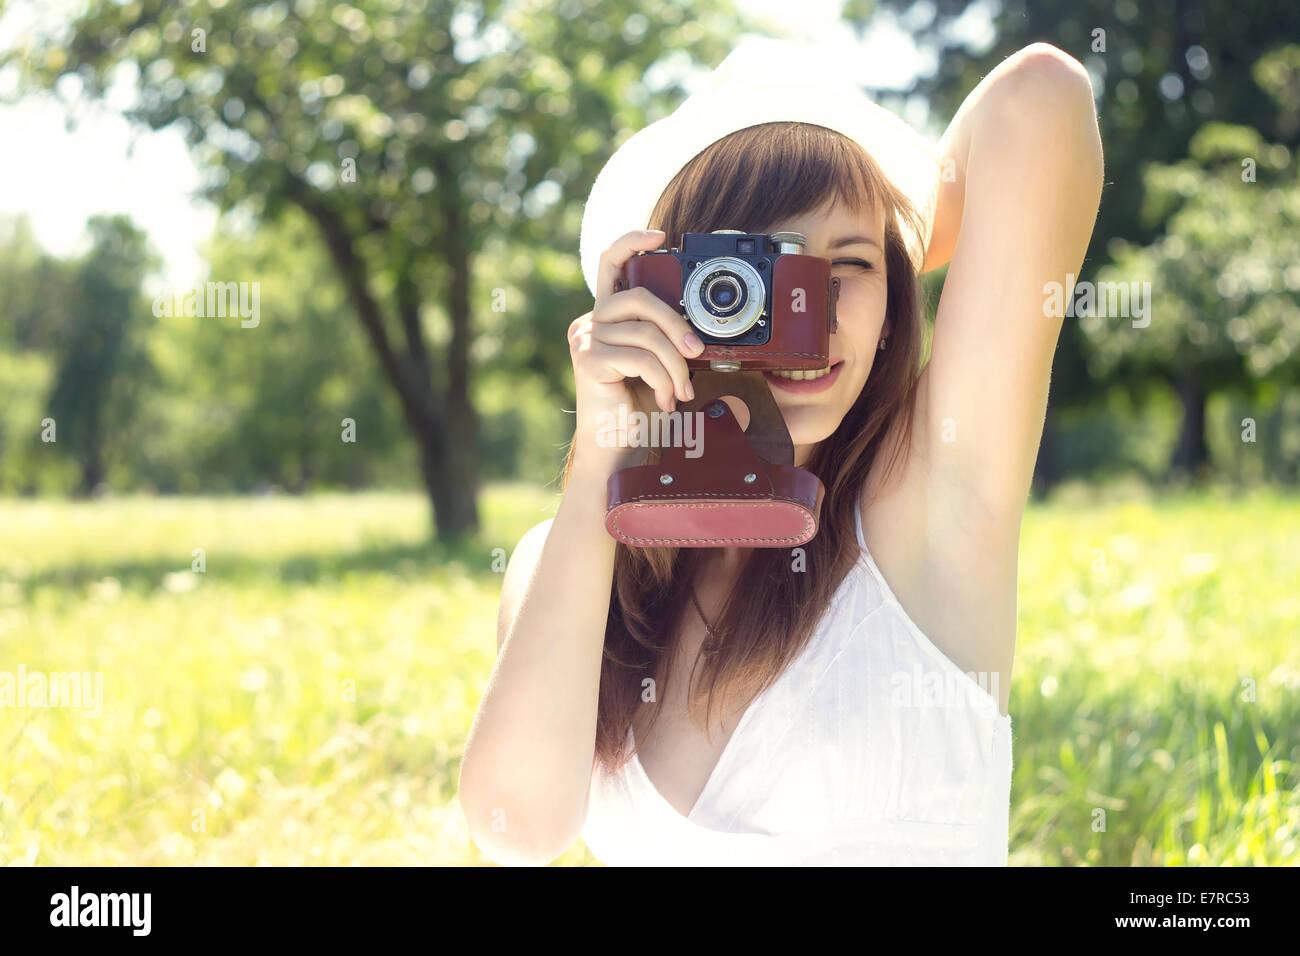 Junge hübsche Frau posiert mit alten Filmkamera im Sommerpark. Mädchen in weißen Hut Foto mit manuelle Stockbild